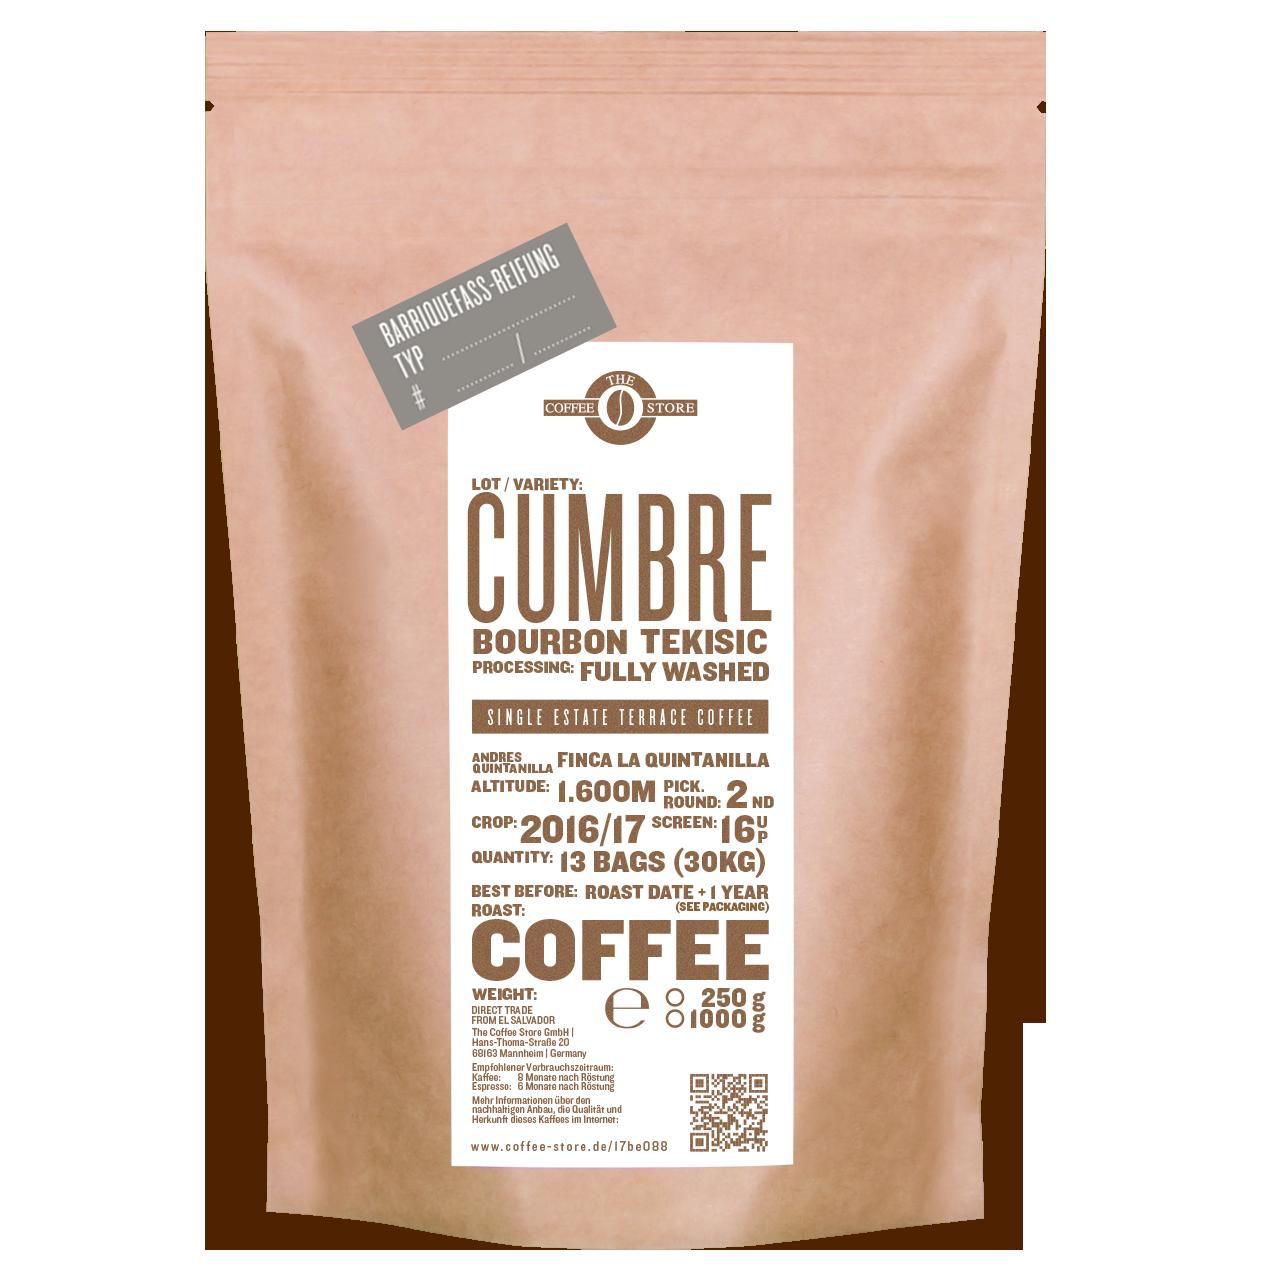 Eine Tüte gerösteter Kaffee von The Coffee Store. Kaffeeröstung Varietät Bourbon Tekisic im Fass gereift.